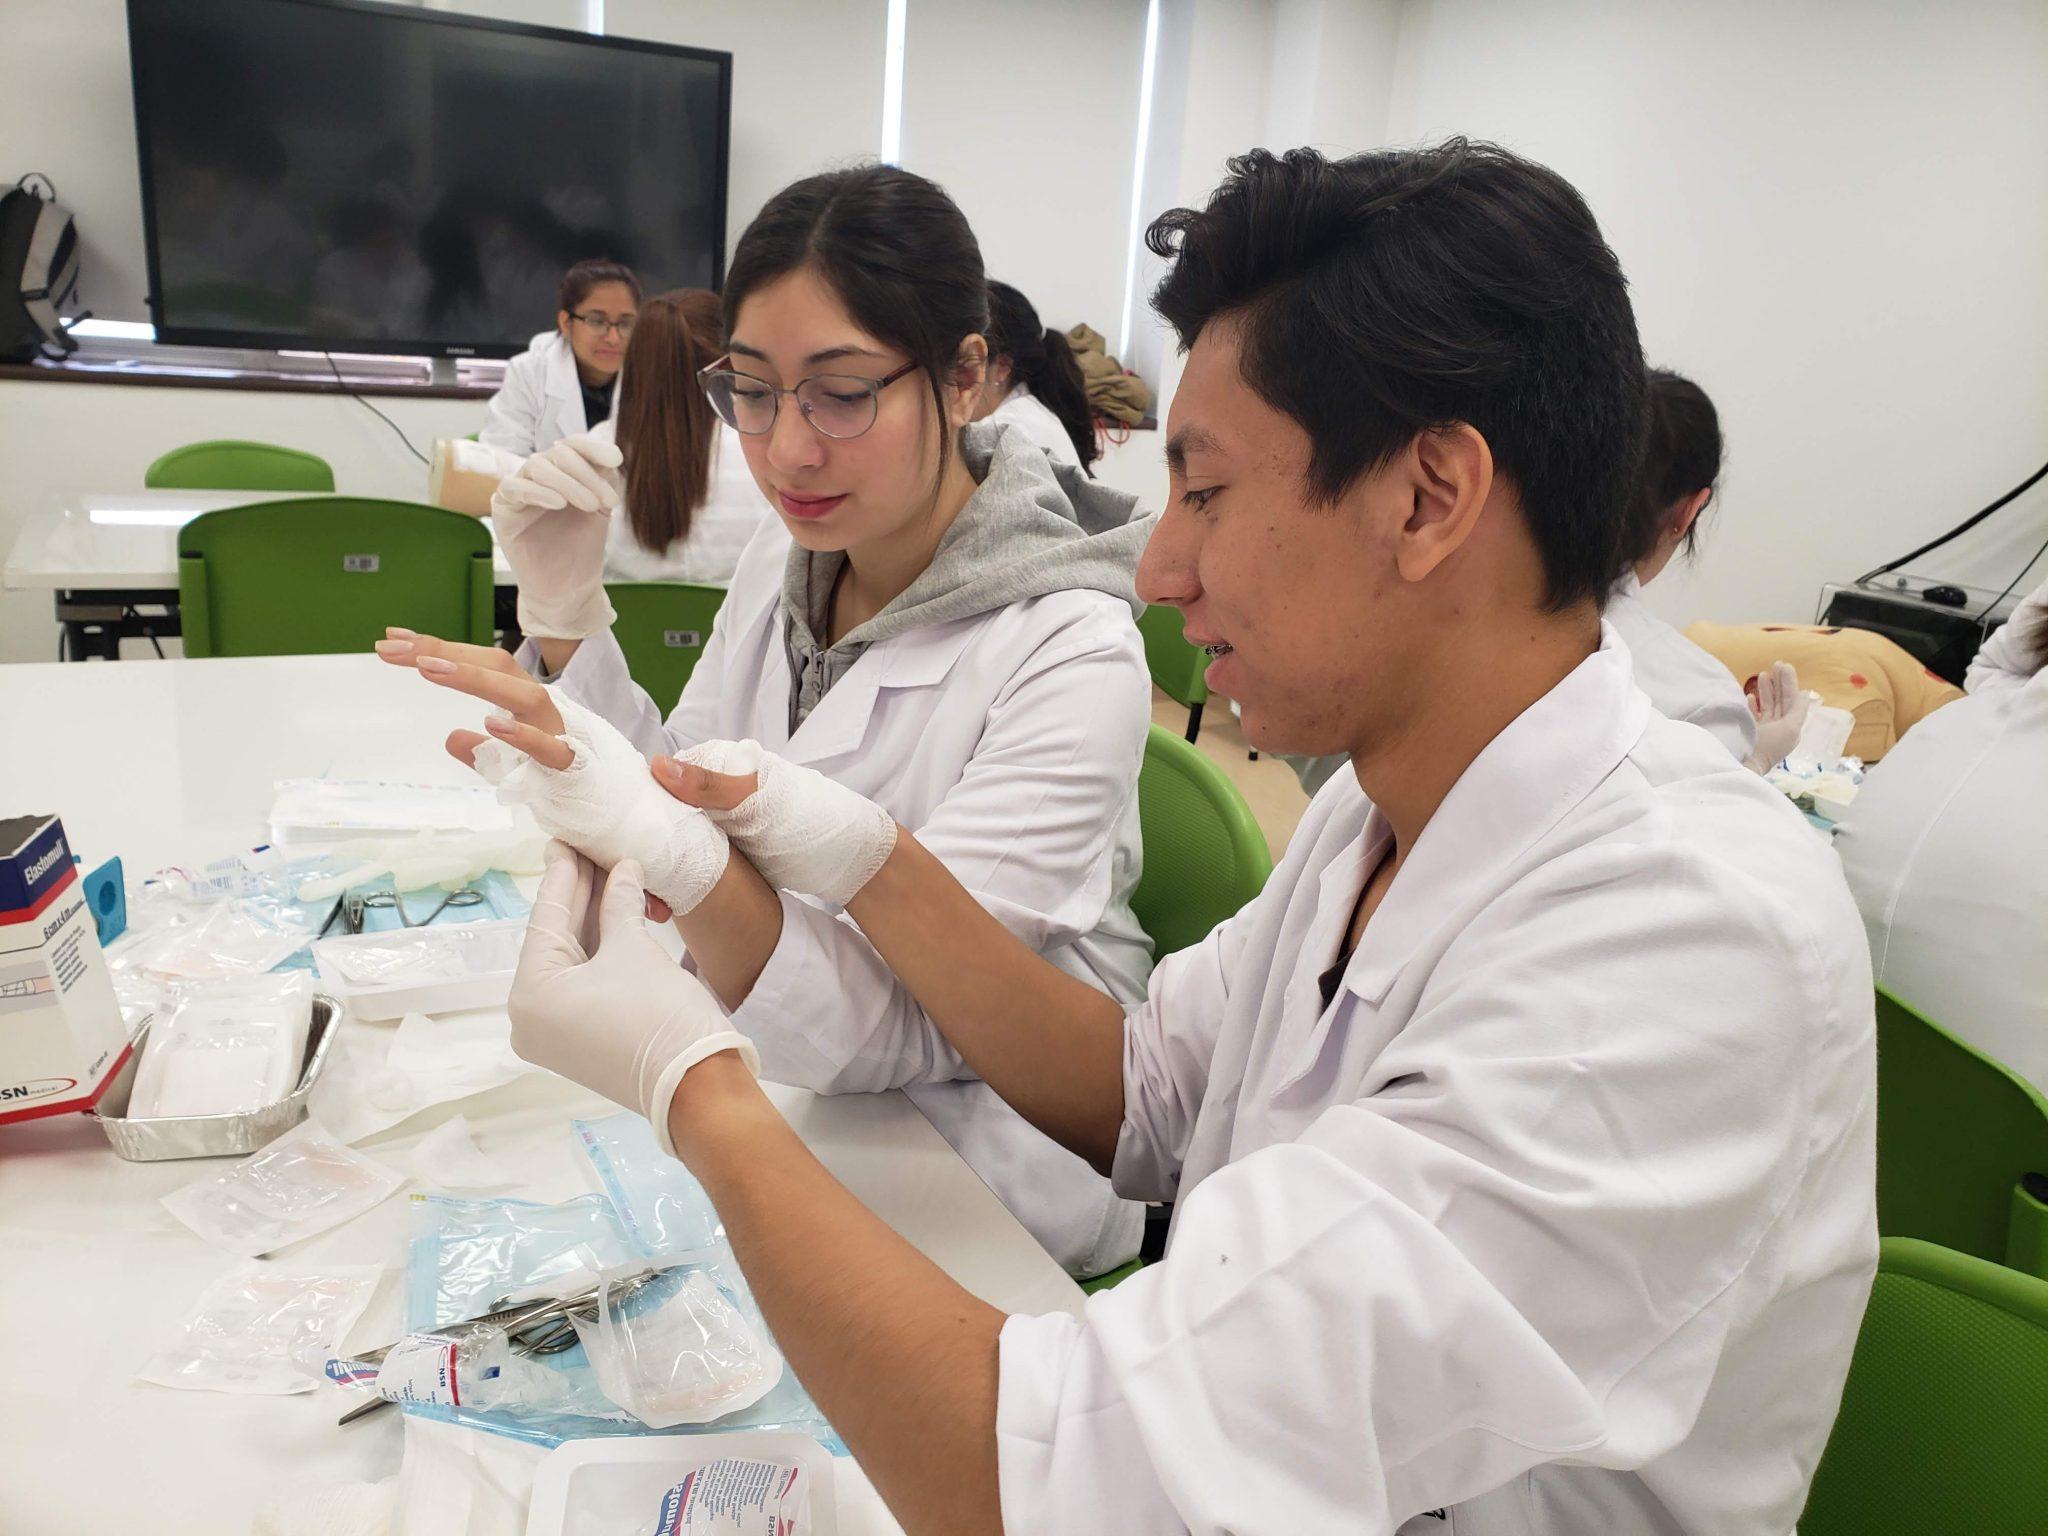 10° Interescolar de Salud y Primeros Auxilios - Santiago